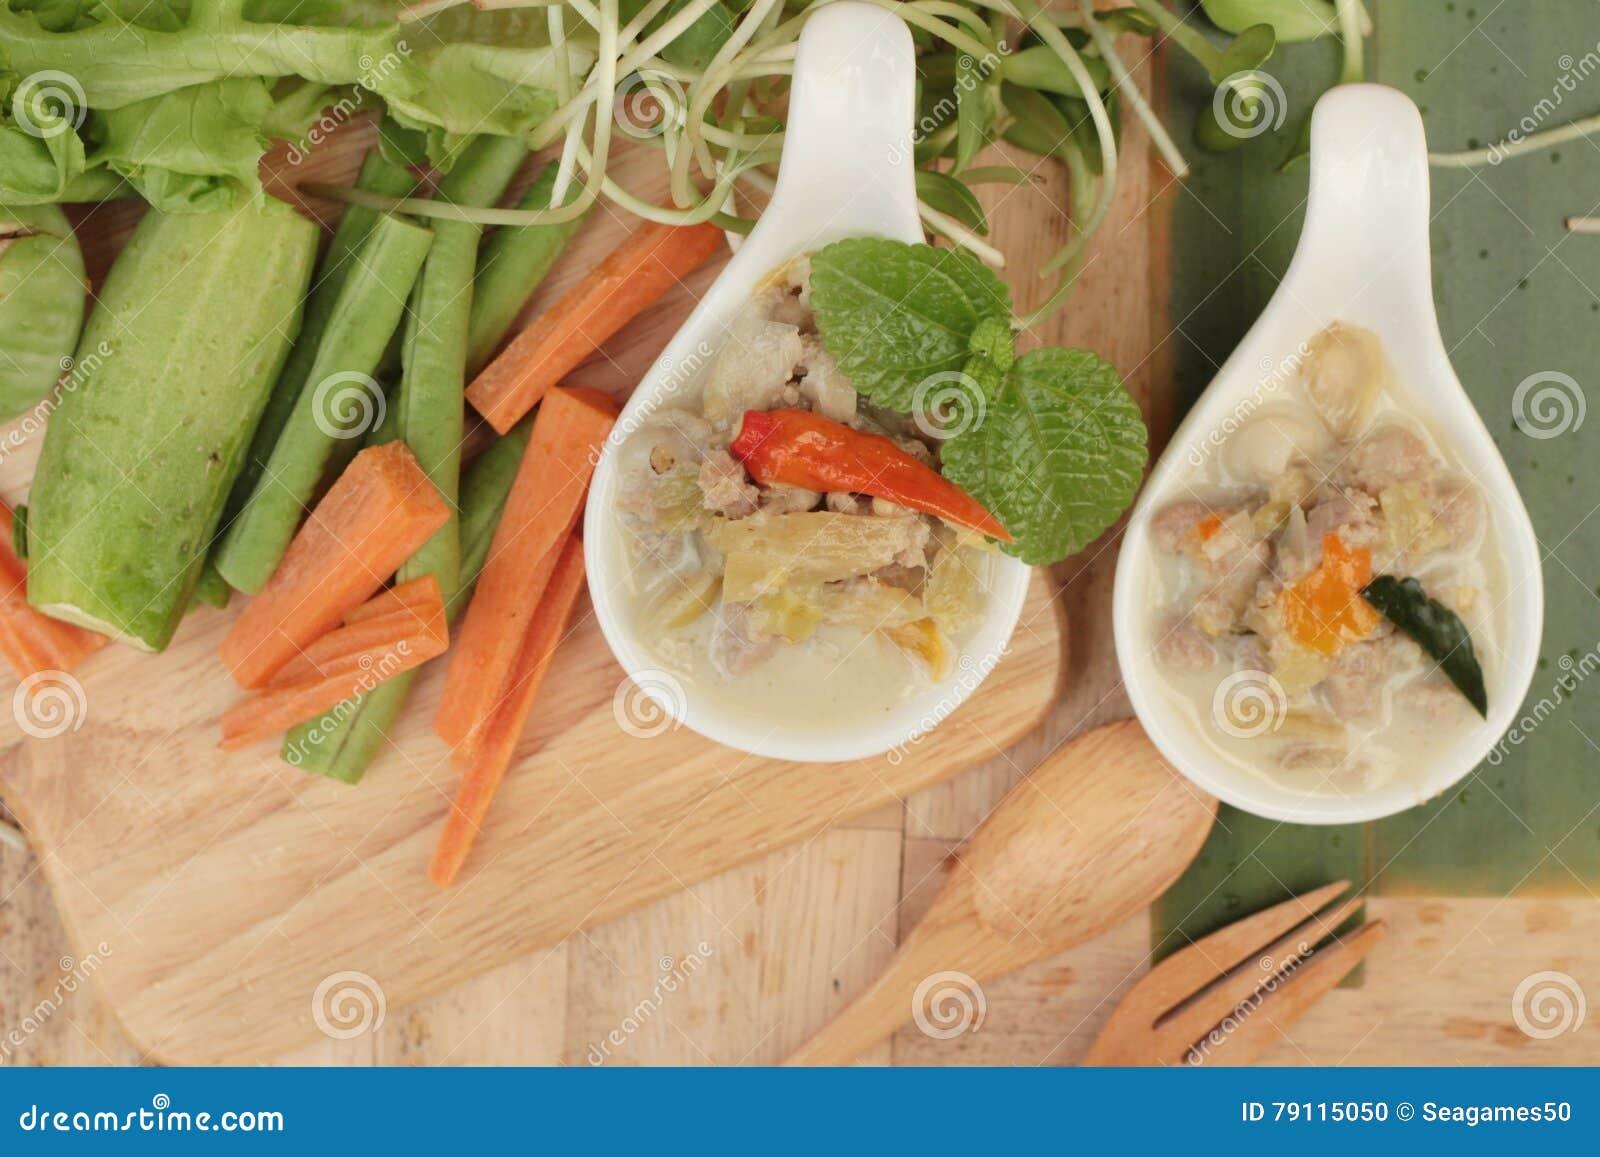 Korzenny gotuje ananasa z wieprzowiną i warzywami